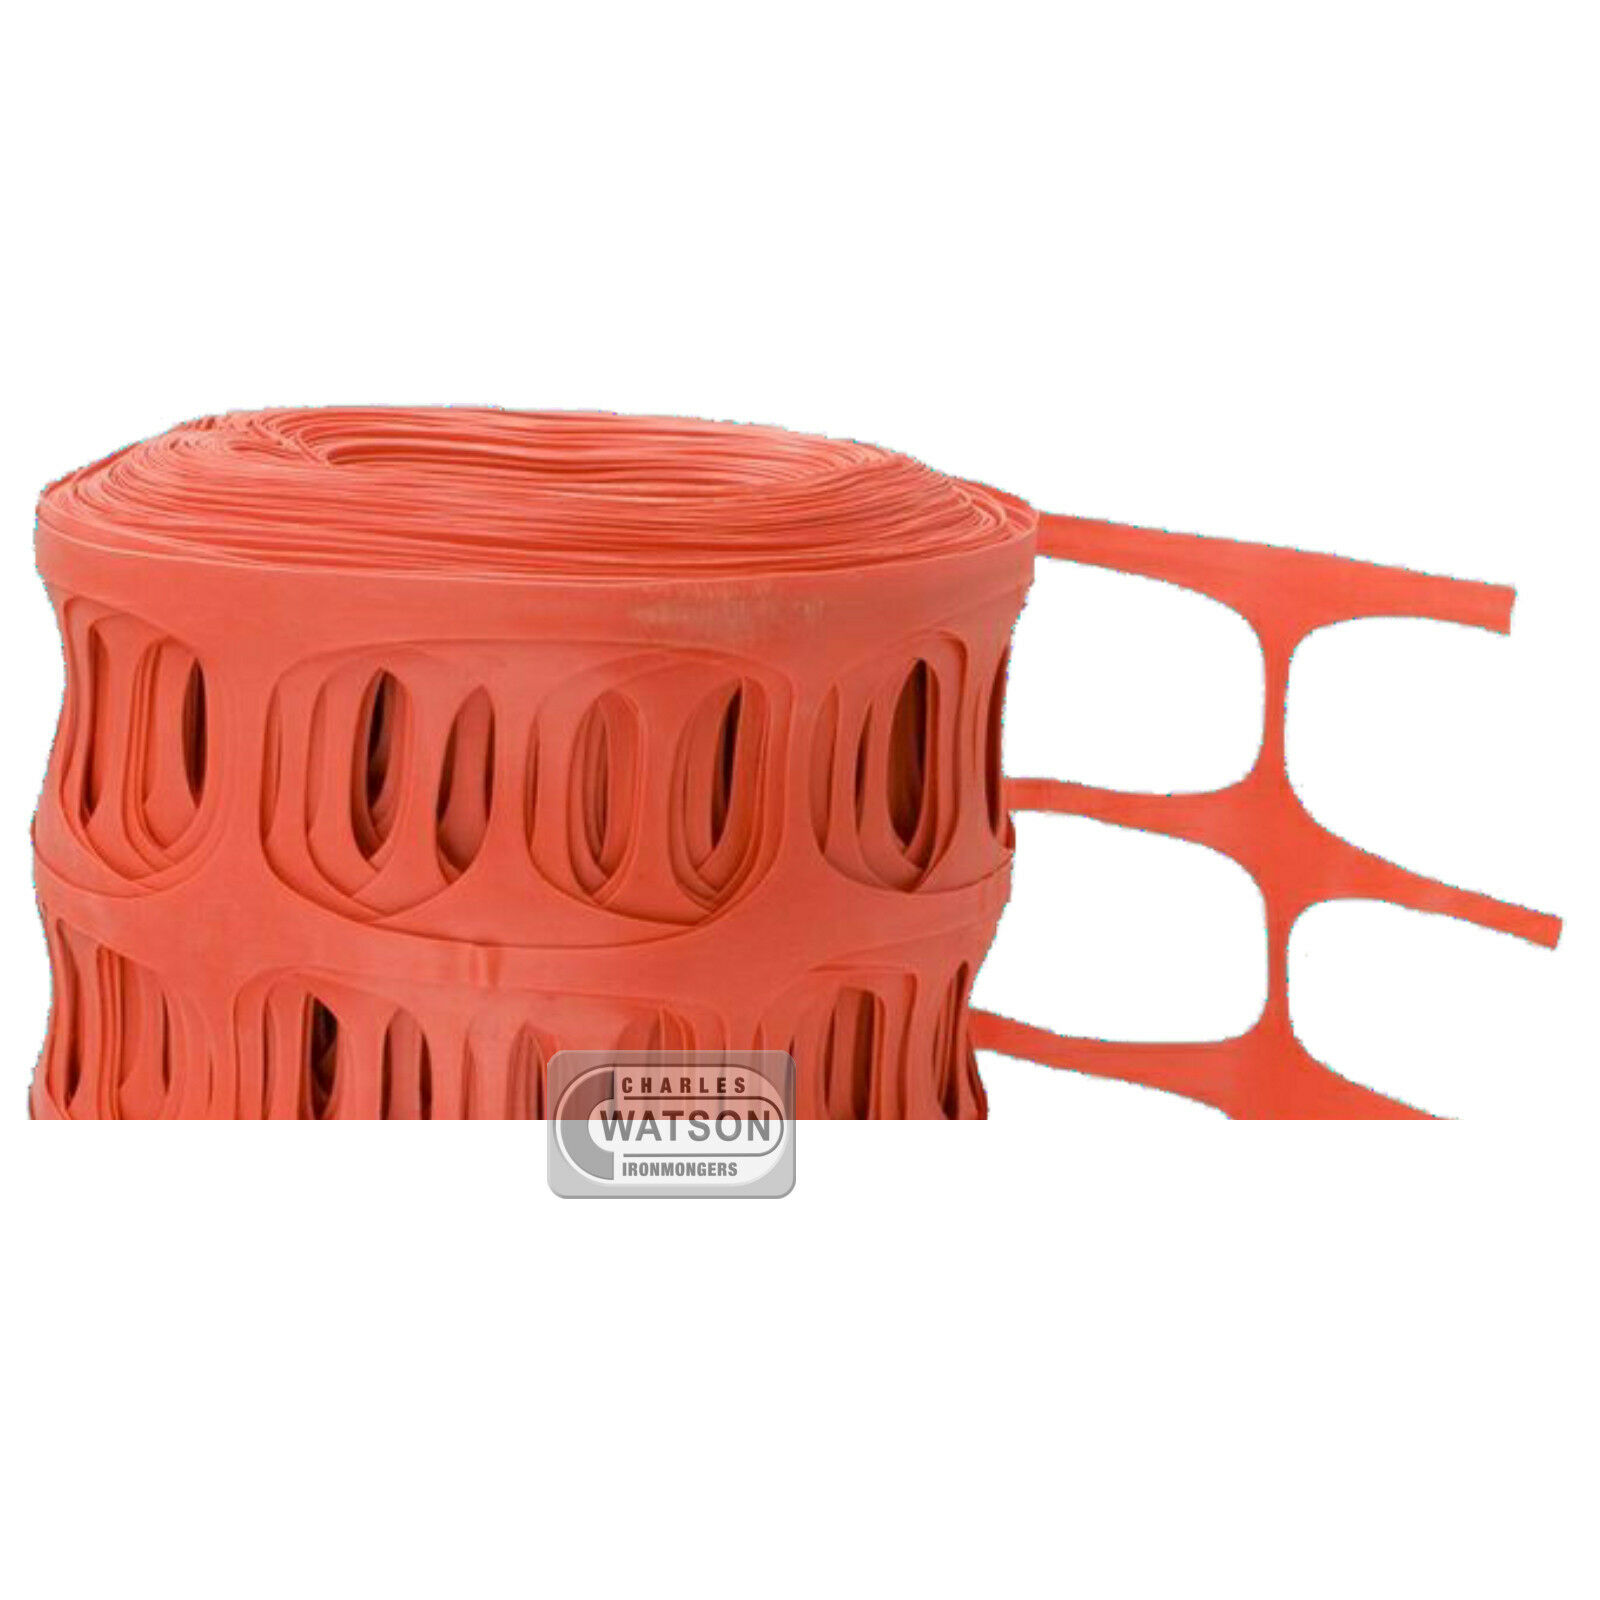 di moda 50M Arancio Barriera Recinzione Recinzione Recinzione Plastica Recinto Rete rossoolo Cantiere Sicurezza  saldi